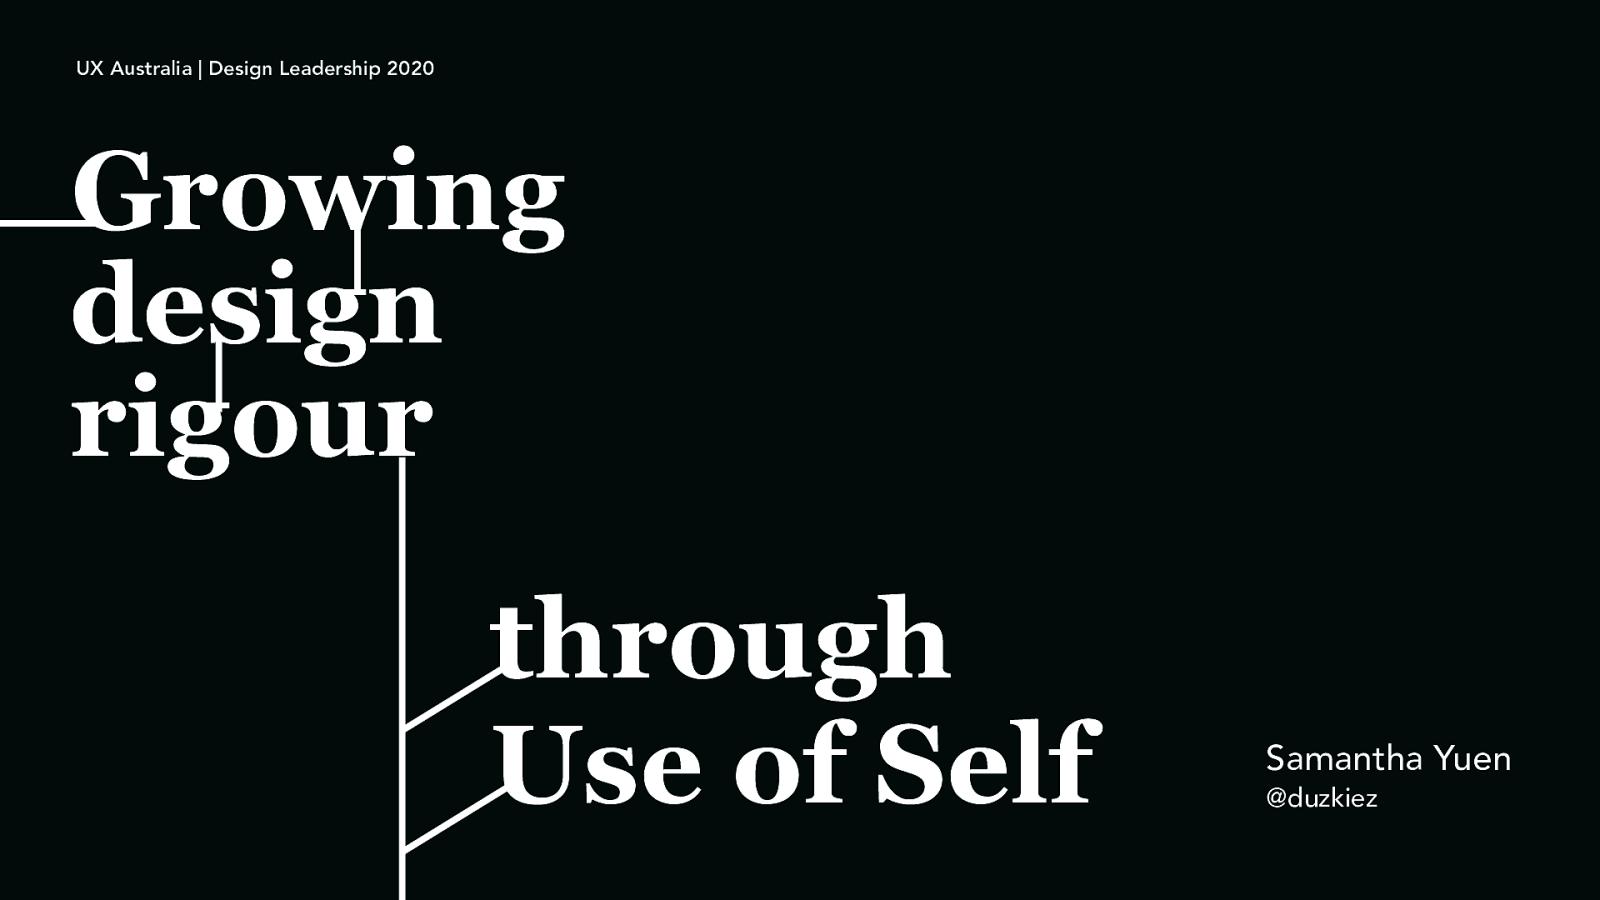 Growing design rigour through Use of Self